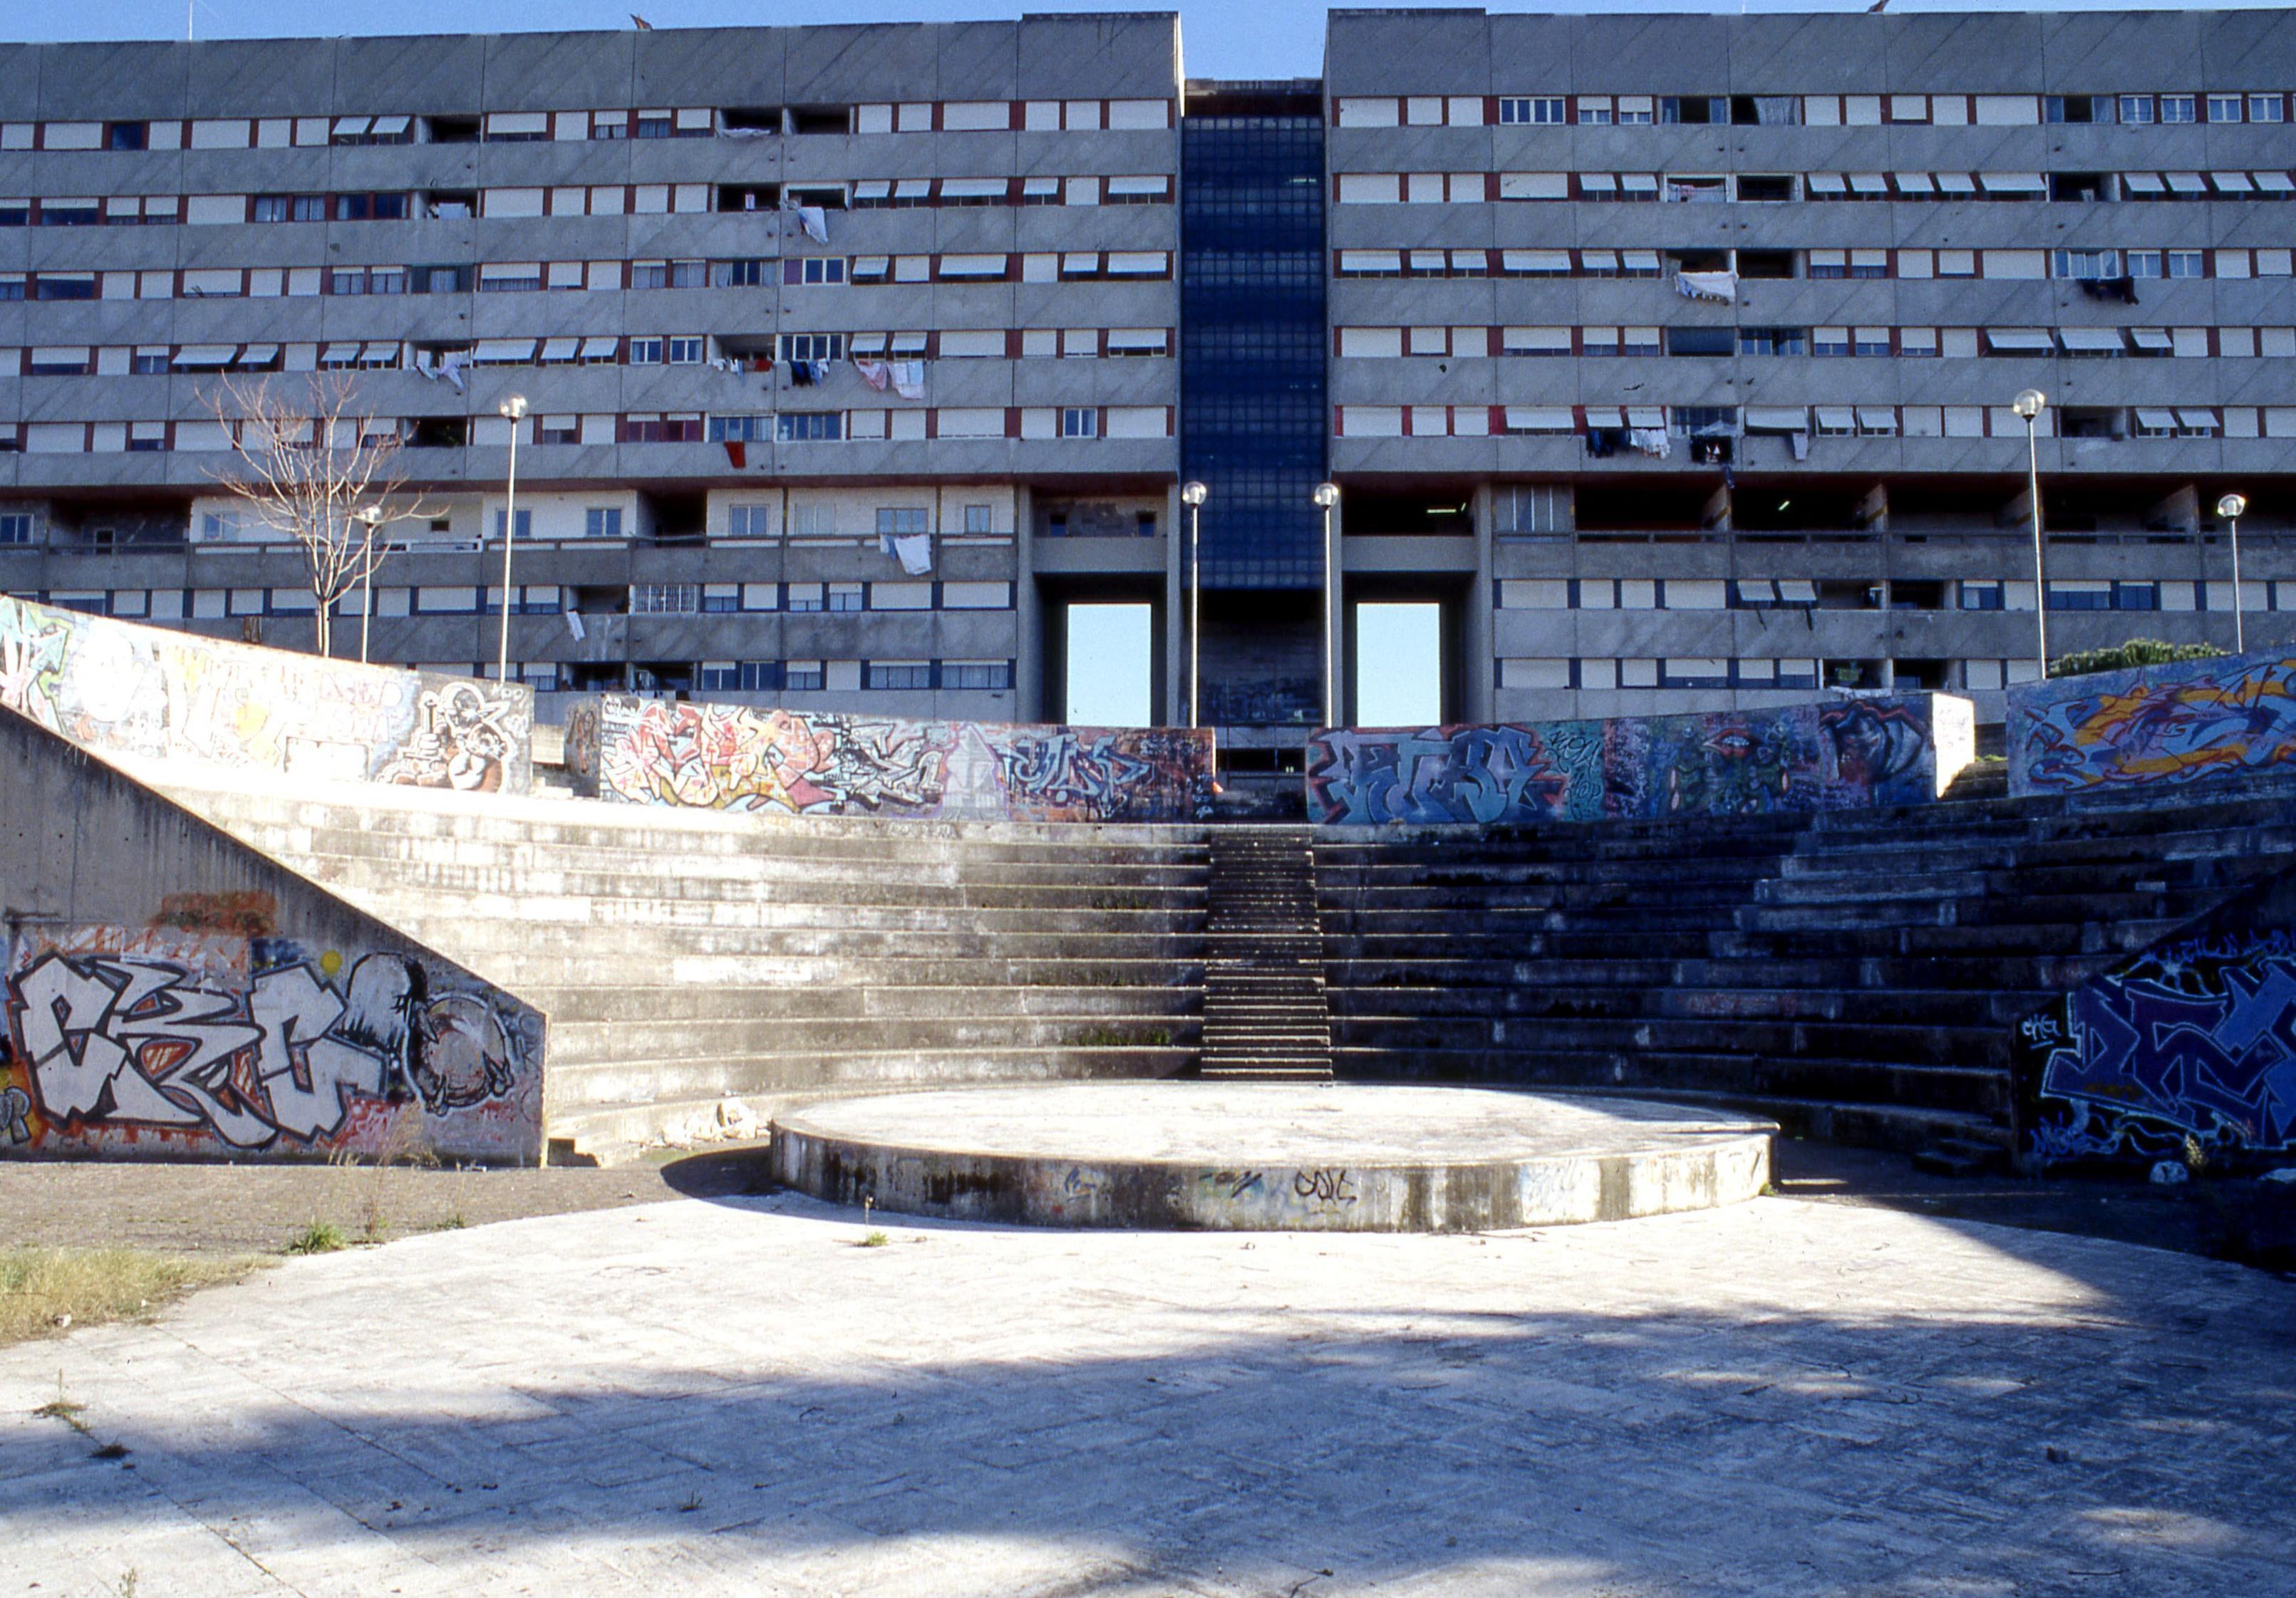 La falsa utopia del cemento quelle periferie sinistre for Il territorio dell architettura vittorio gregotti